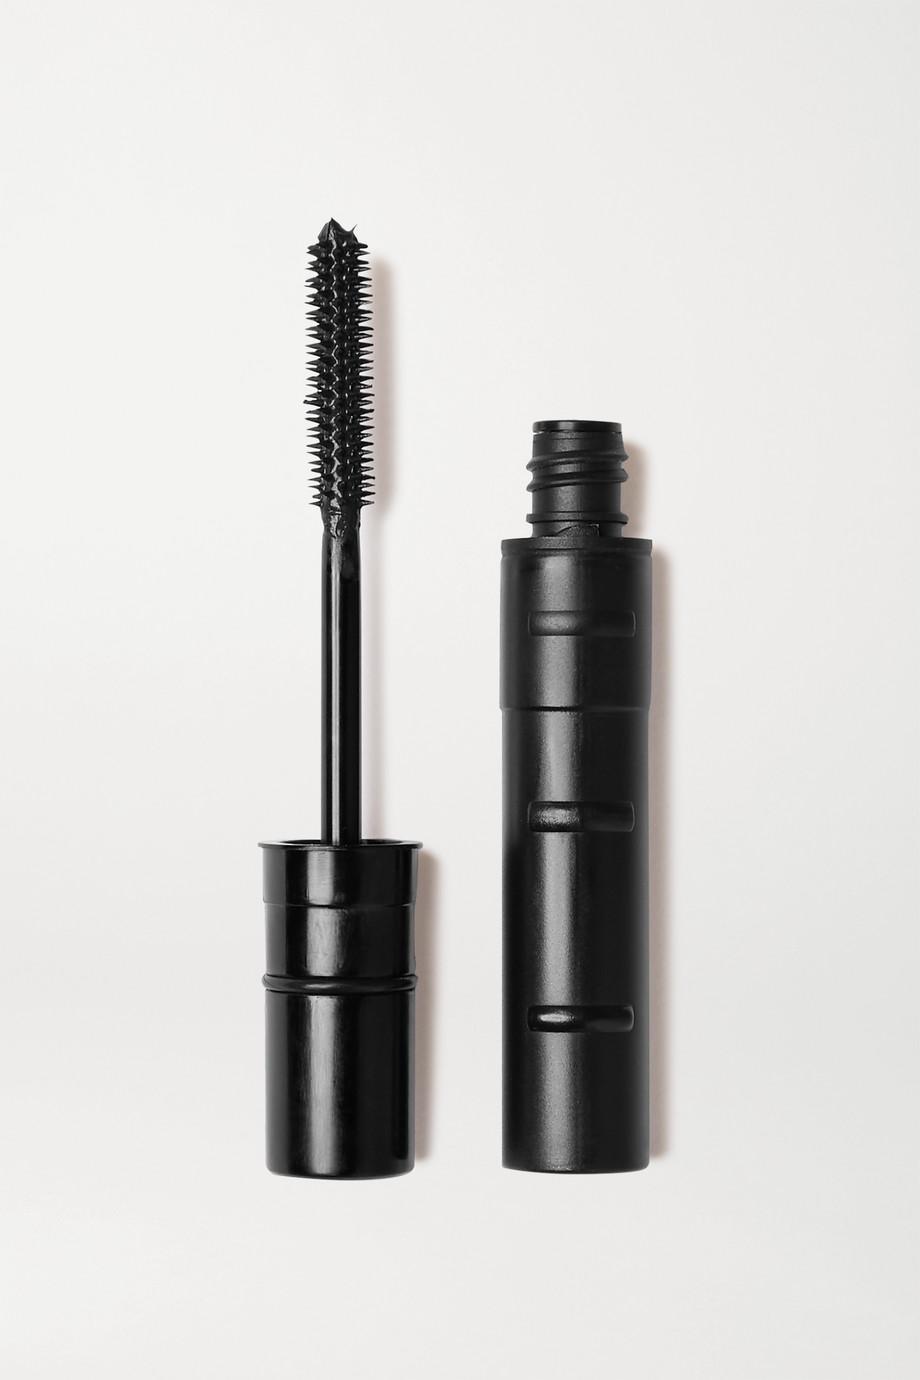 Kjaer Weis Lengthening Mascara Refill, 5.4ml